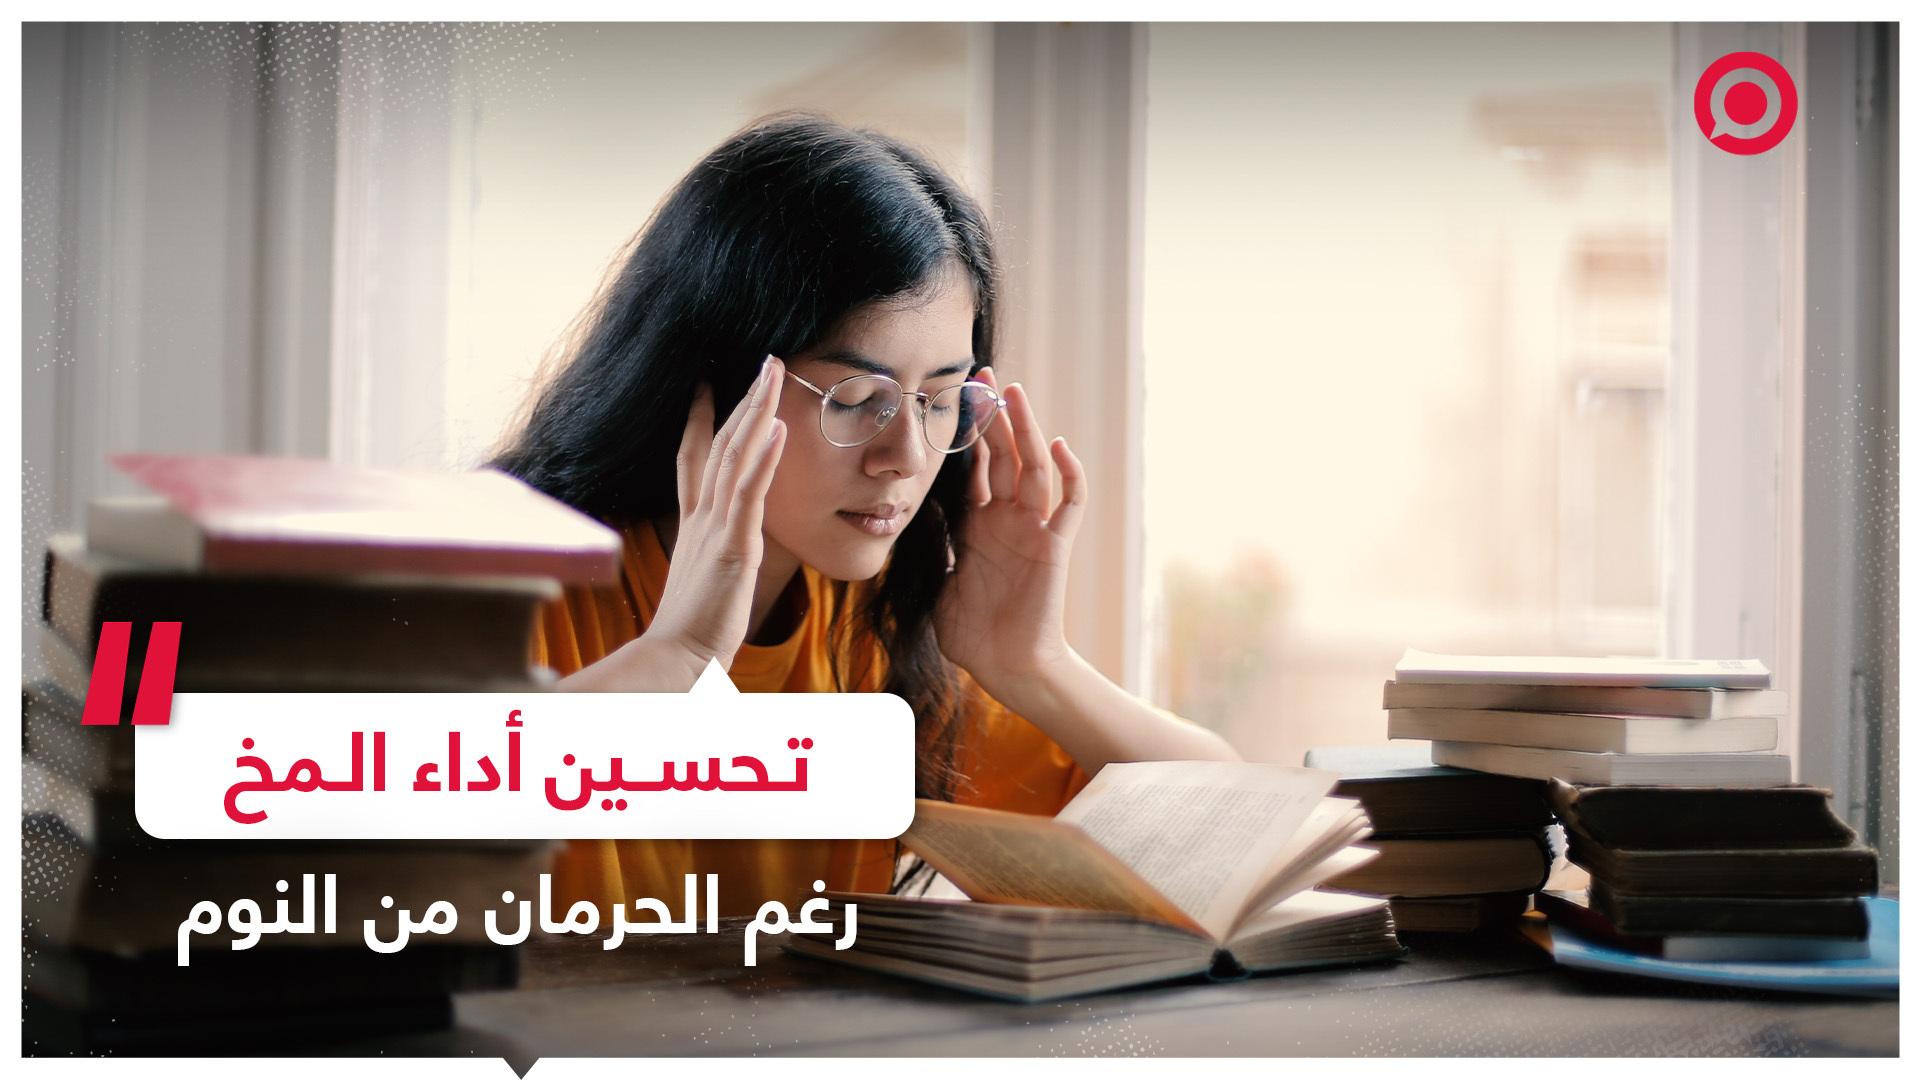 #بحوث    #علوم     #دراسات